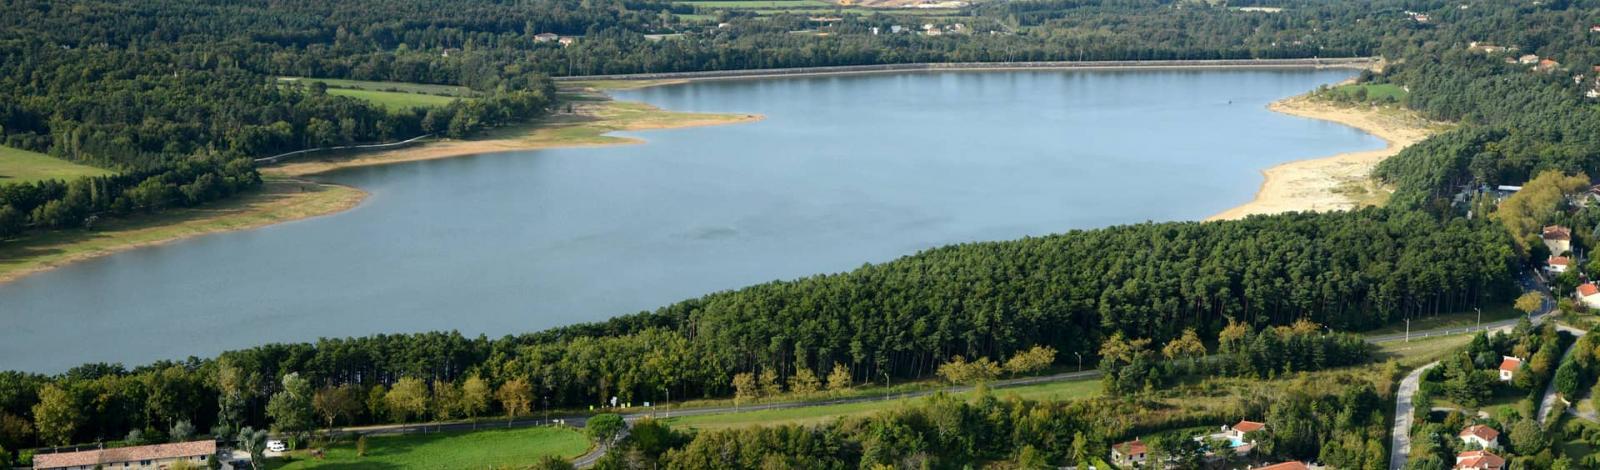 Lac de Saint-Férreol